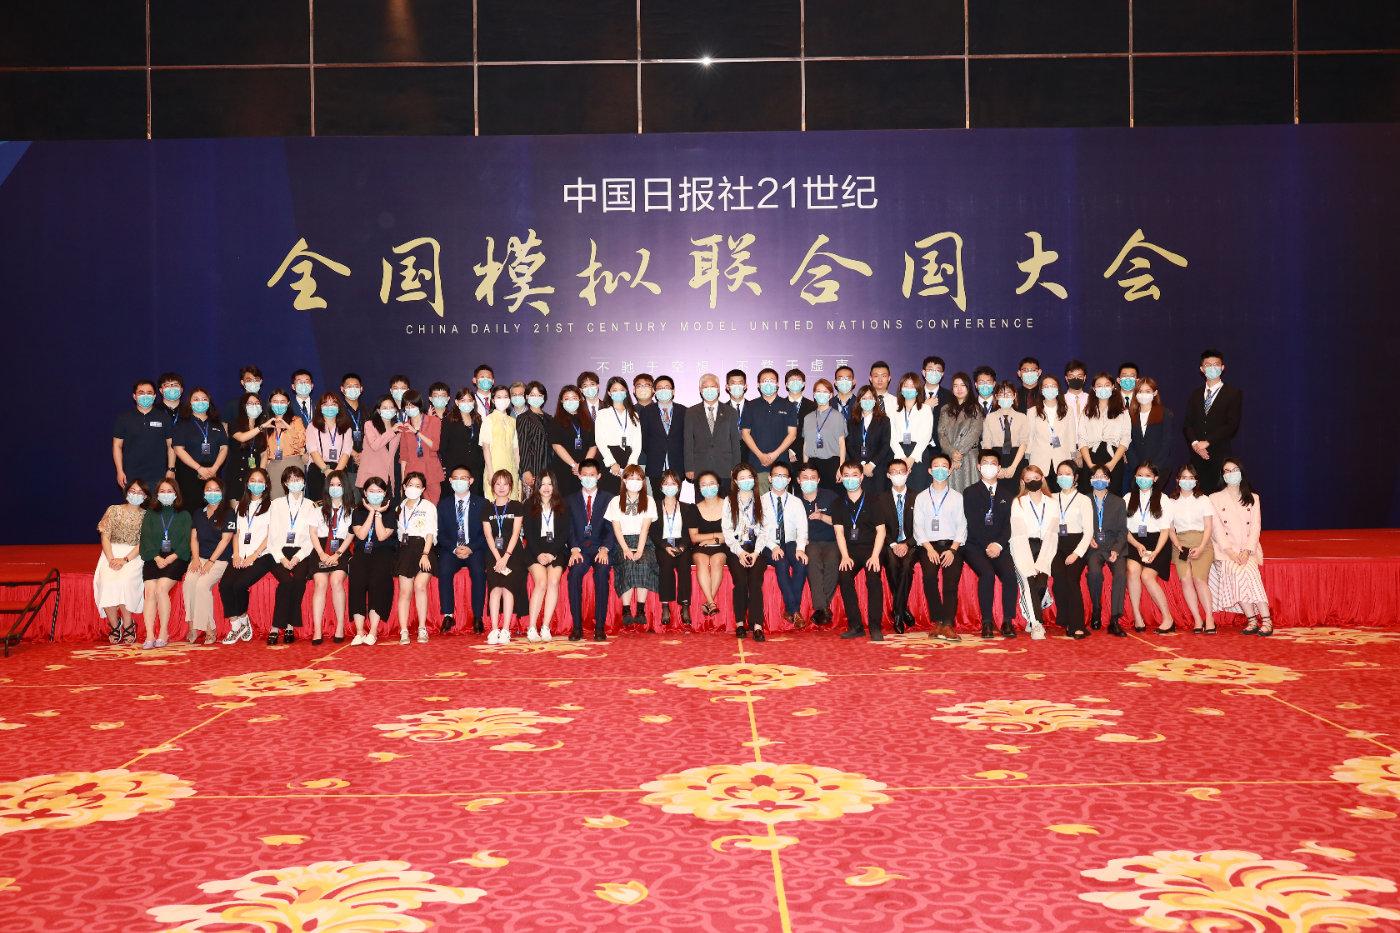 中国日报社21世纪全国模拟联合国大会在苏州闭幕